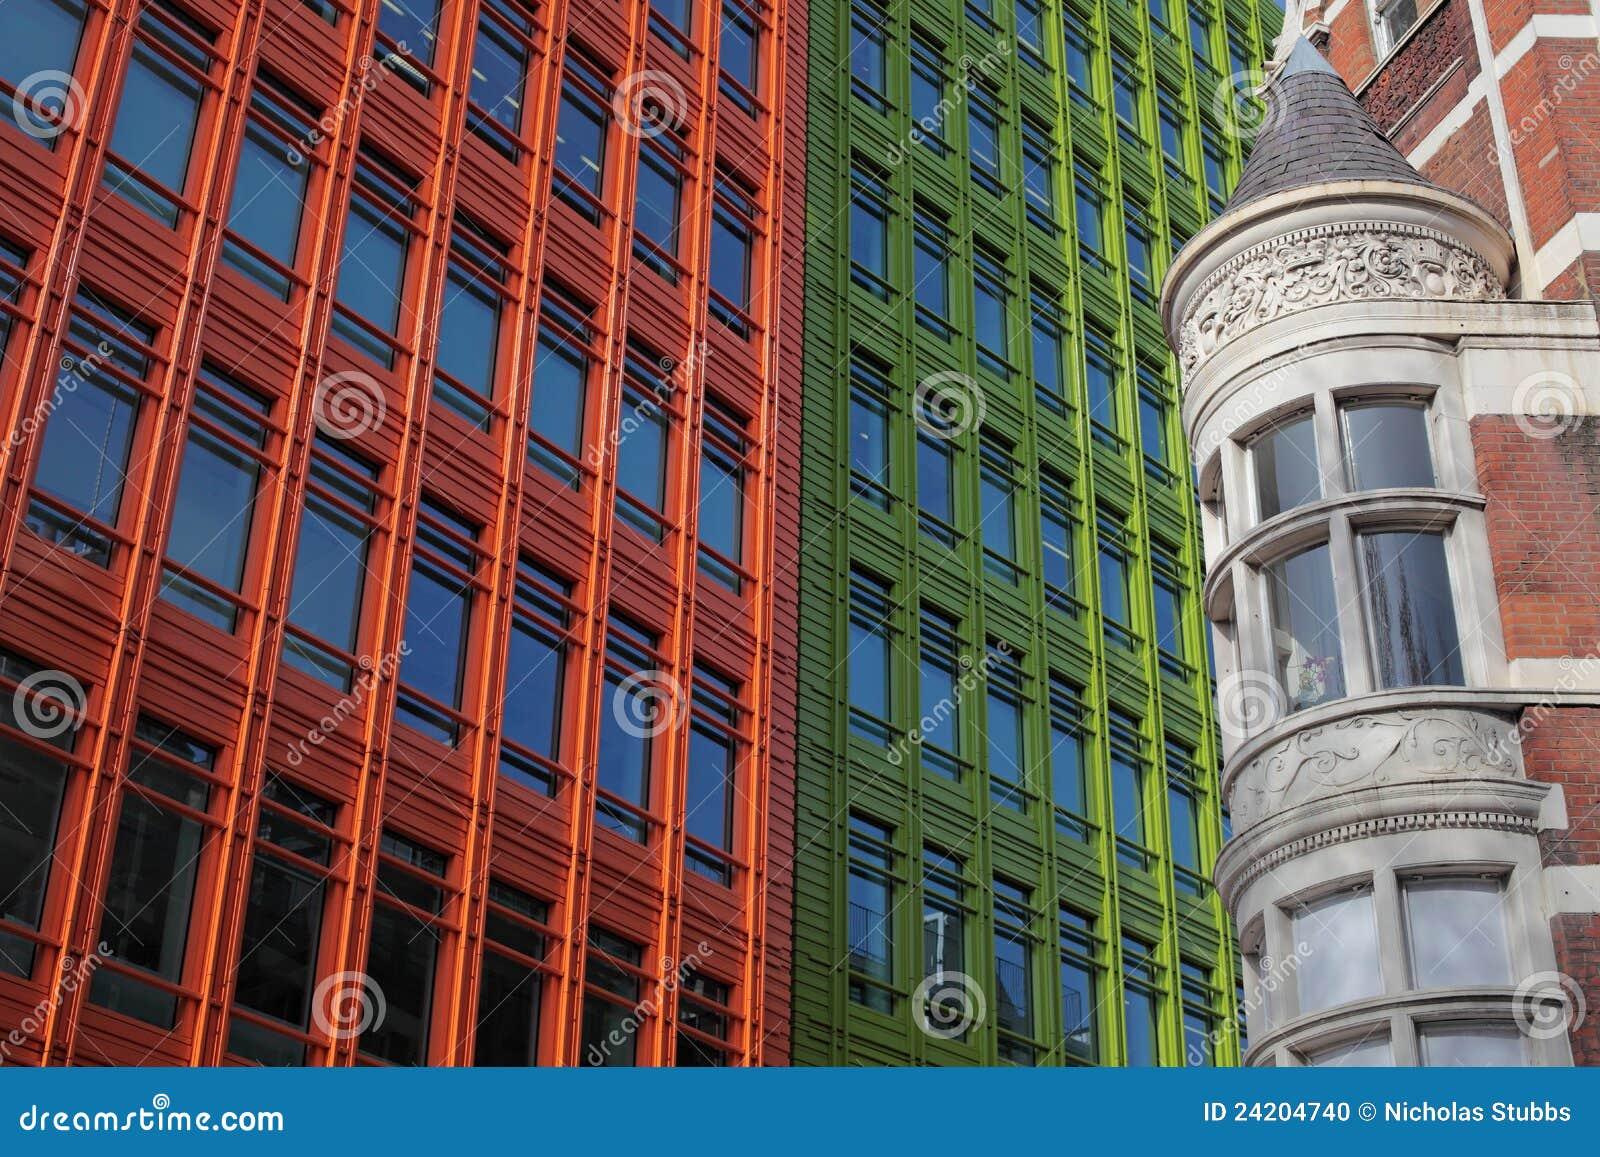 Historische und moderne architektur in london stockfoto - London architektur ...